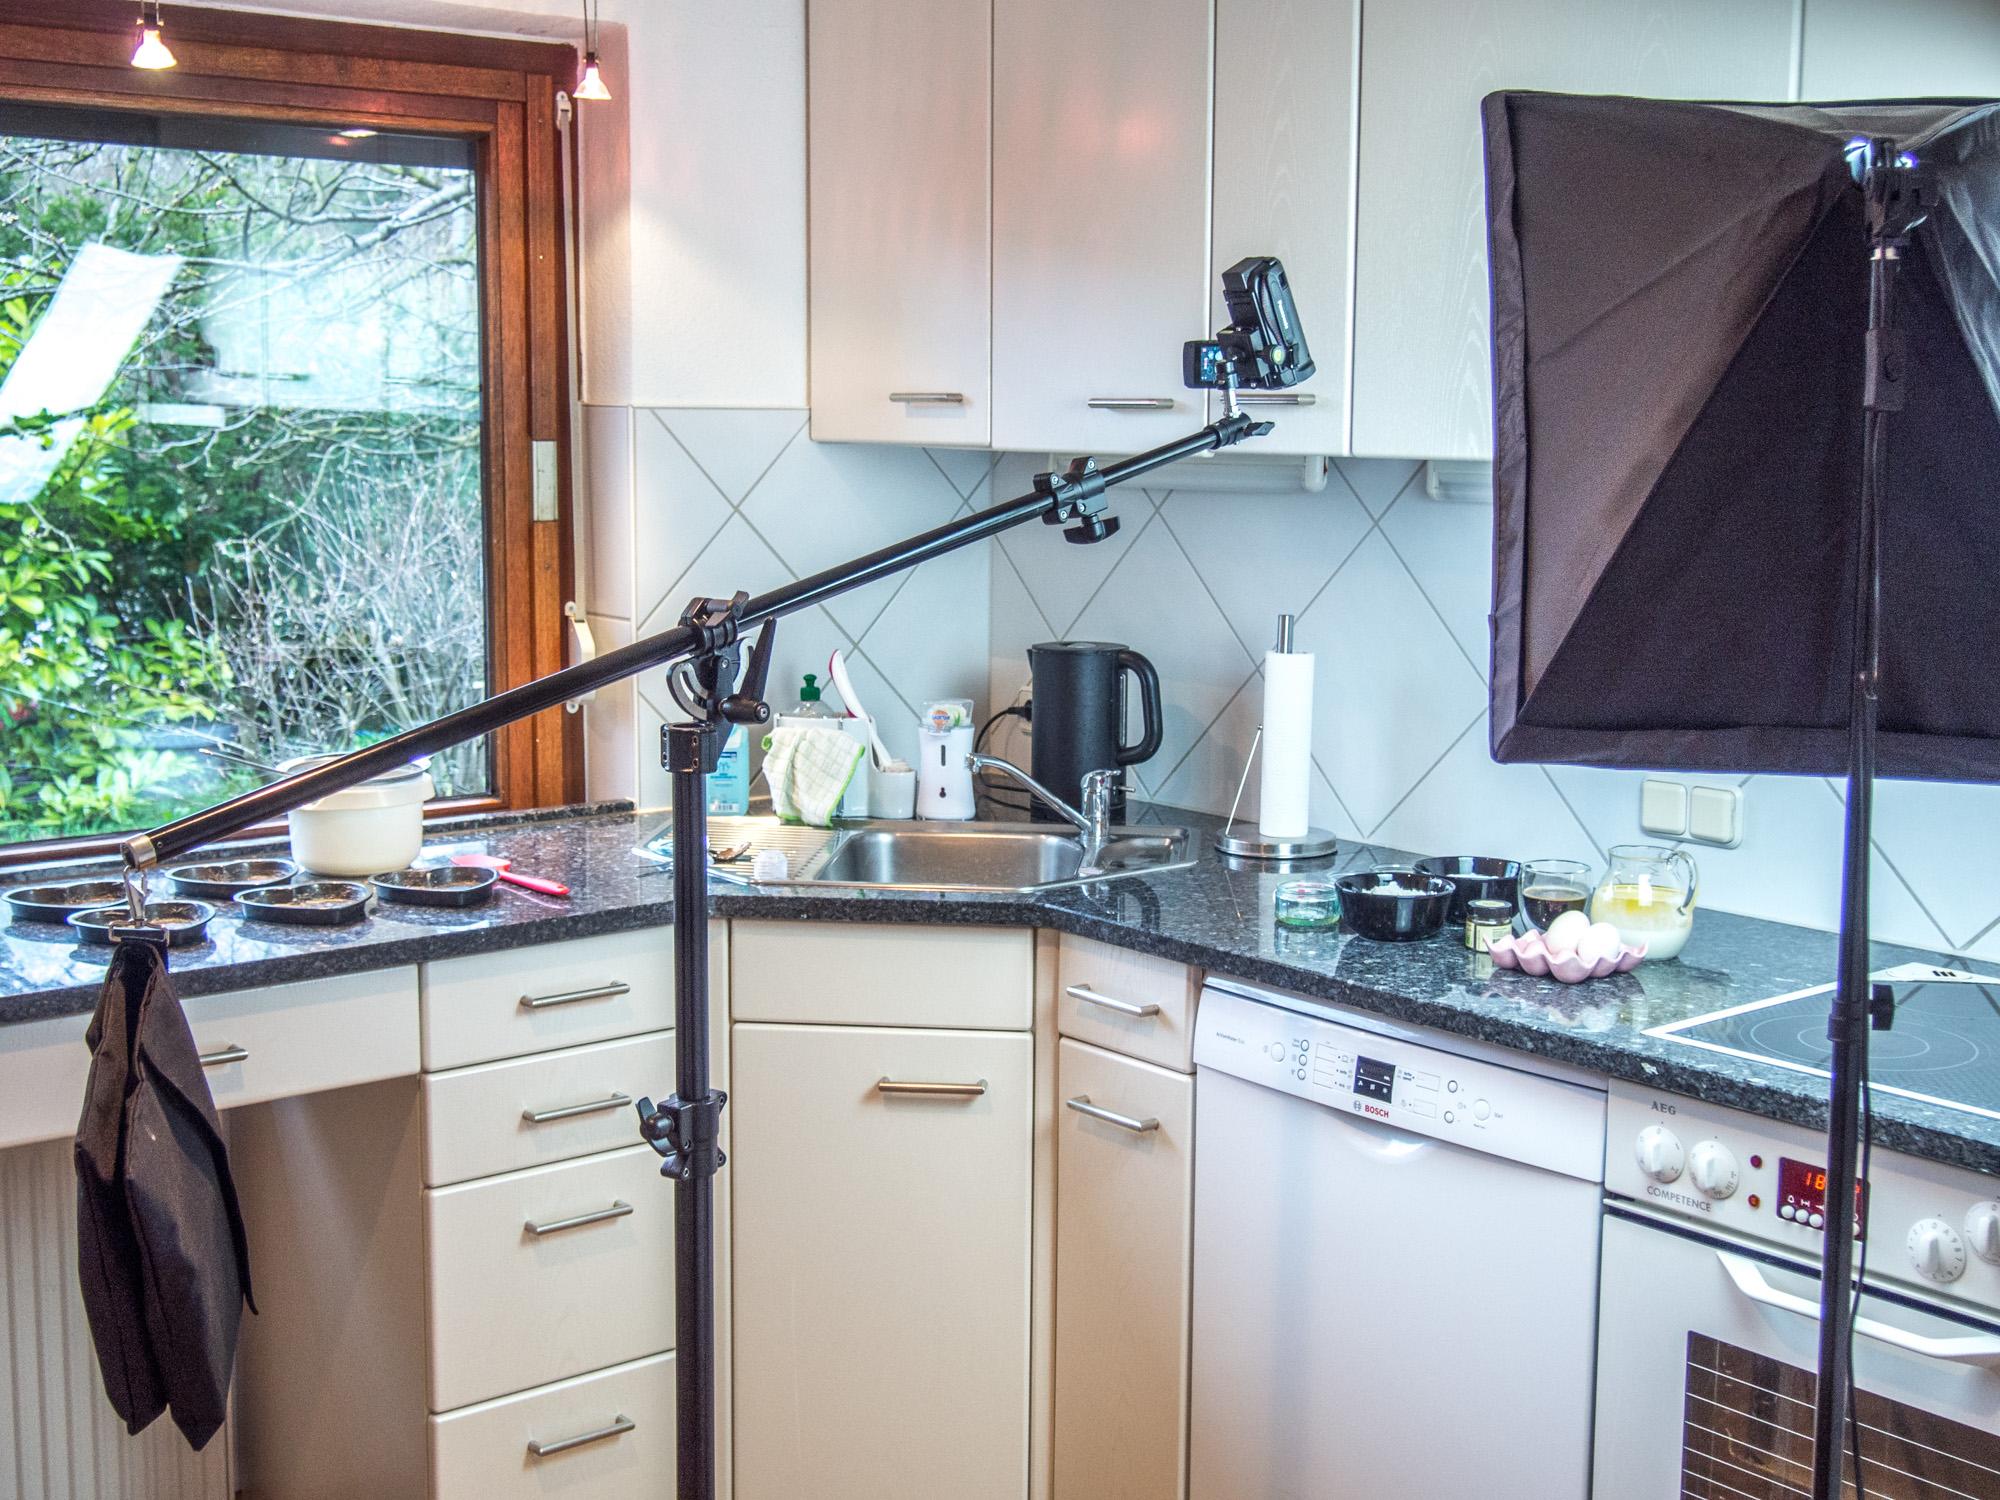 blick hinter die kulissen: meine küche & meine traumküche {werbung